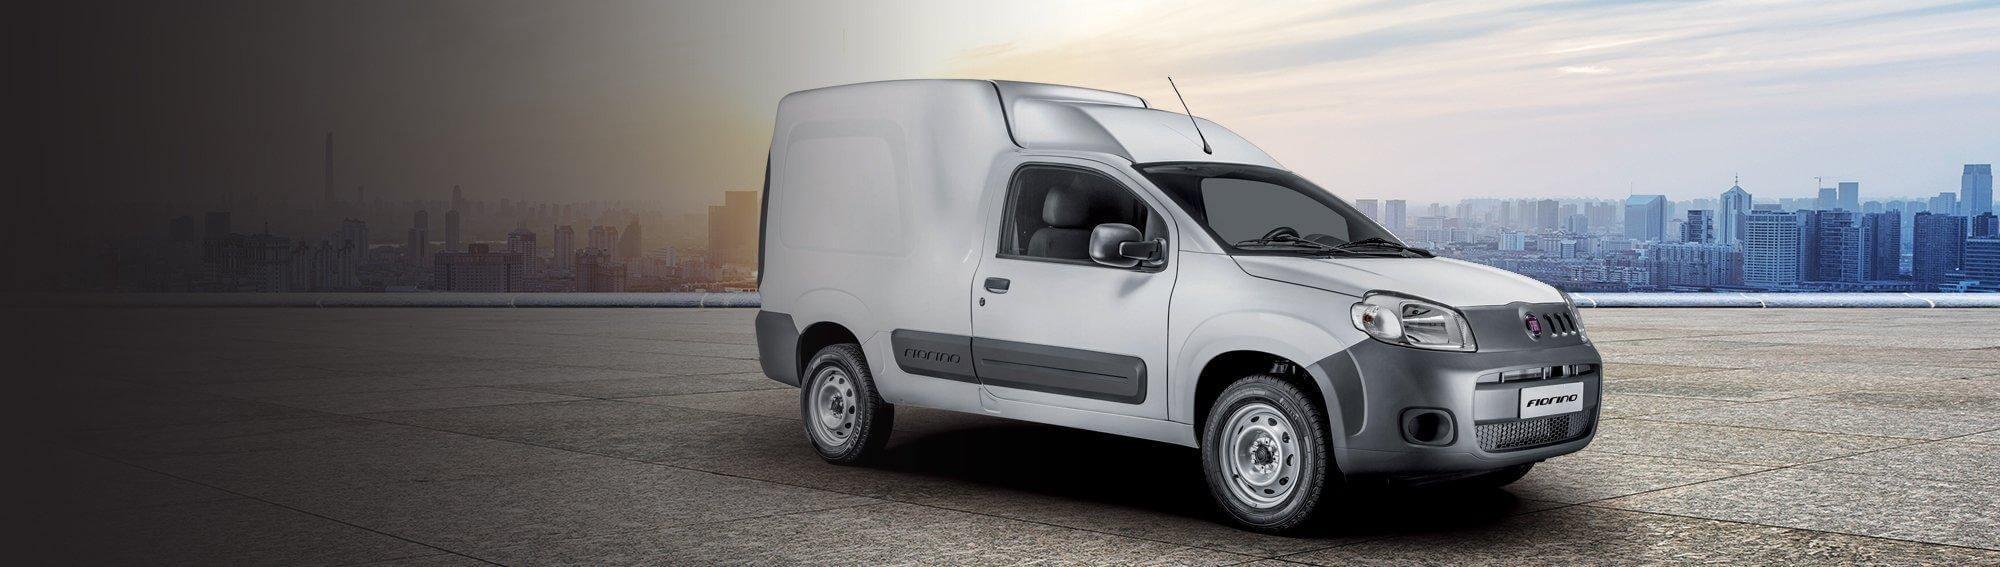 promo Nueva Fiat Fiorino Top